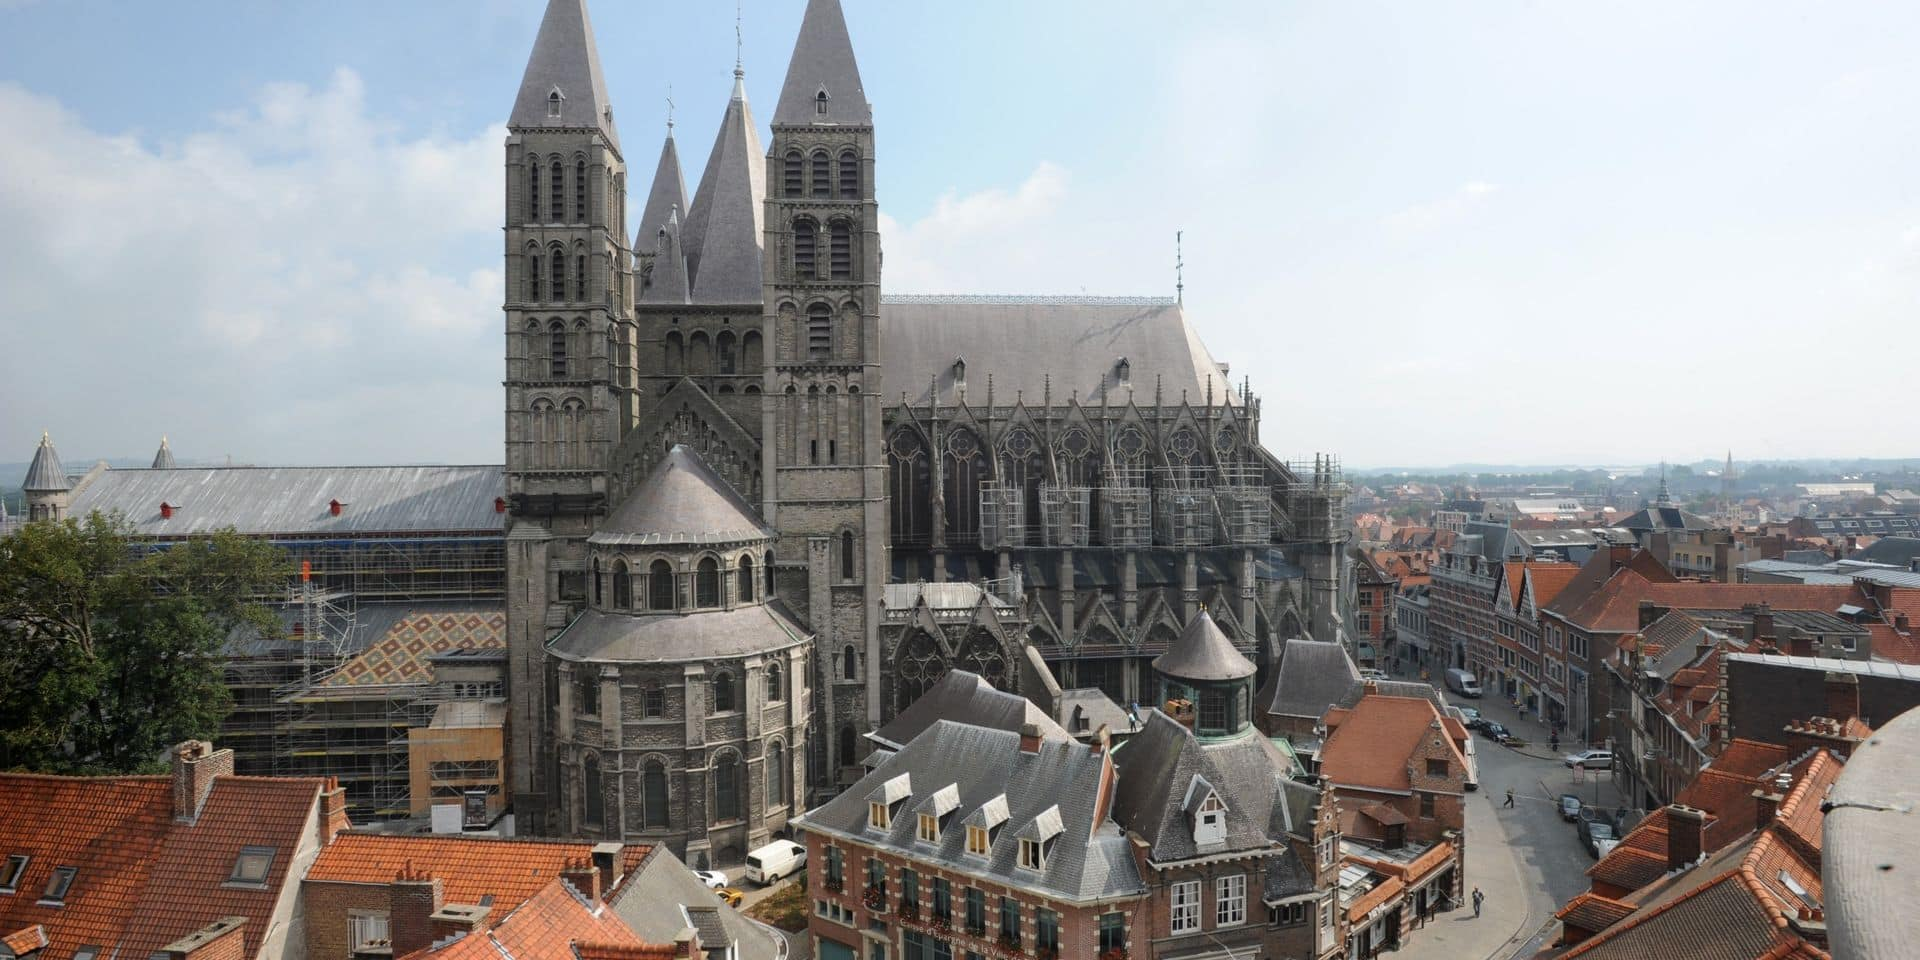 Faut-il faire venir quelques chameaux, lions, girafes et ours à la Cathédrale de Tournai pour pouvoir y redire la messe?